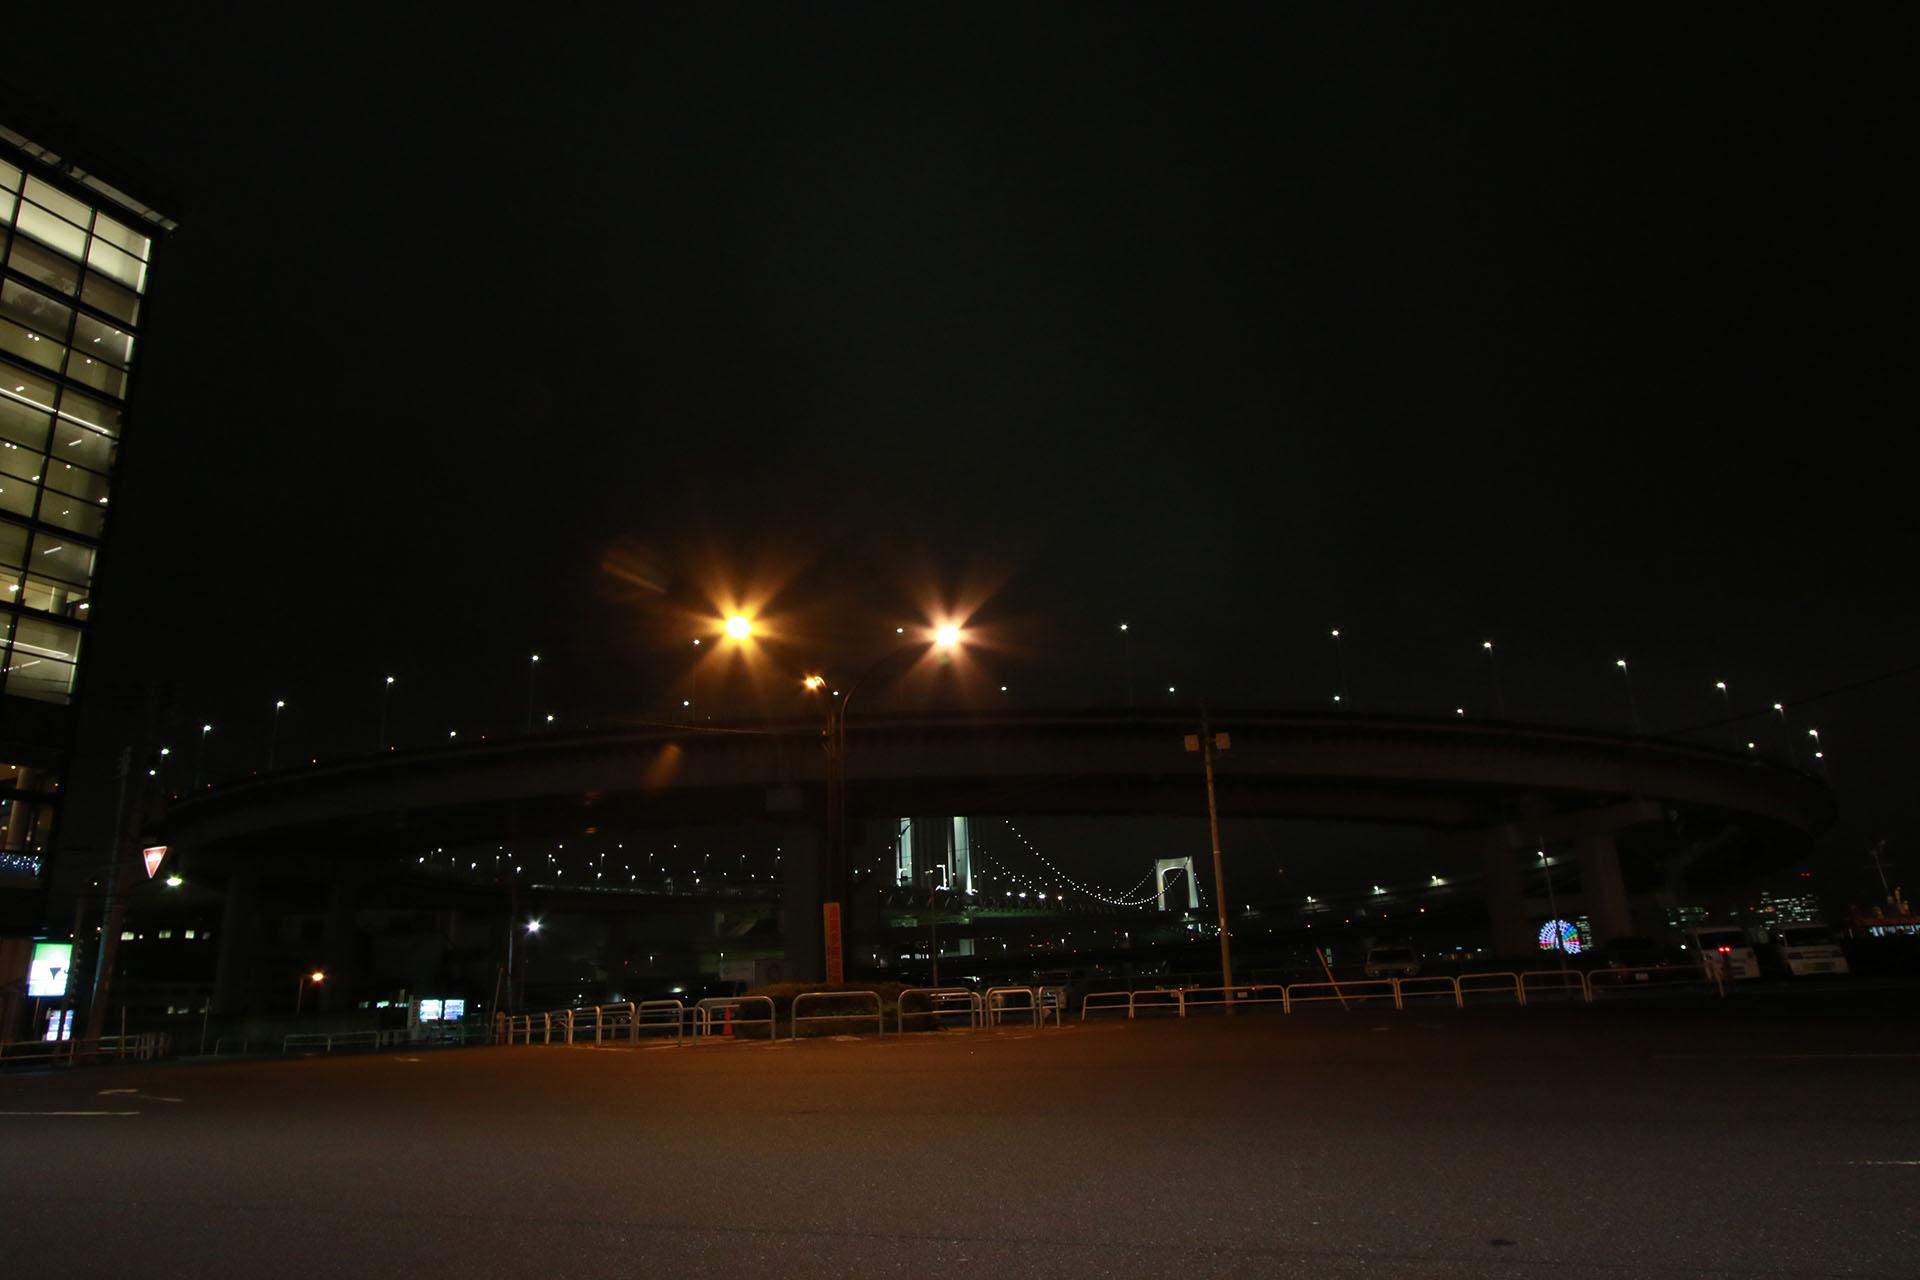 首都高 レインボーブリッジ 芝浦ふ頭